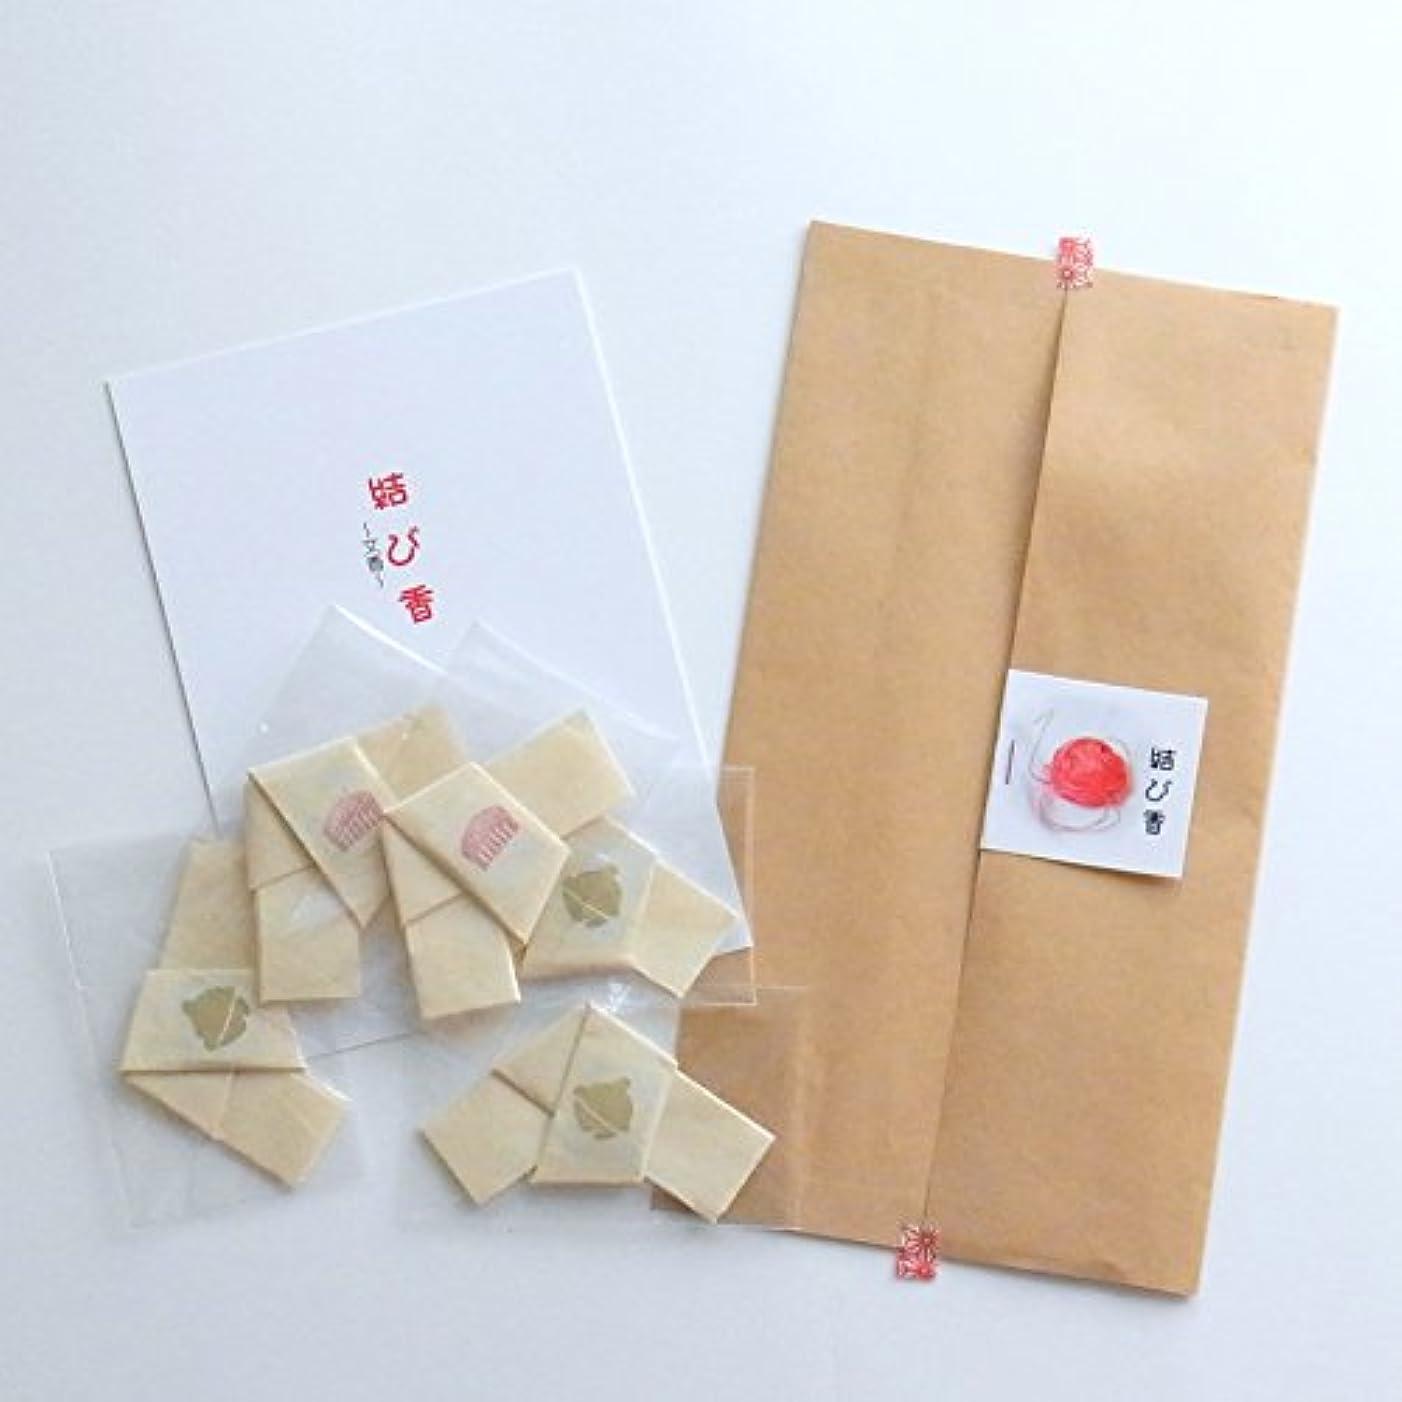 電子レンジ冗談でぼかす手紙に添えたり、バッグにしのばせてご縁を結ぶ【結び香】